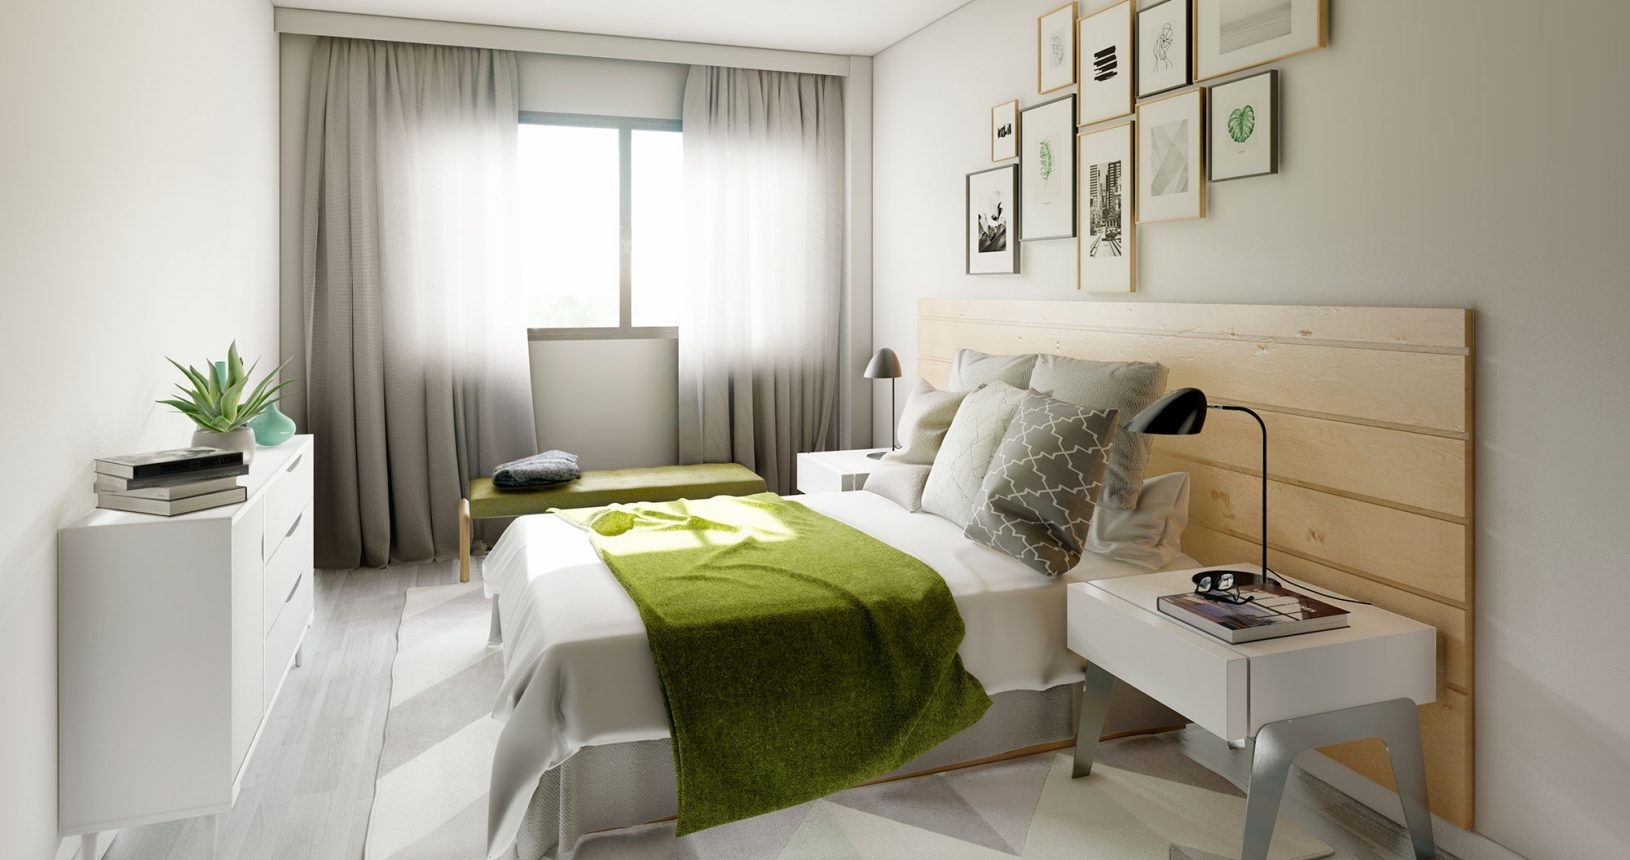 Promoción Paramera Inmobiliaria Ciencasas Paiporta habitación principal